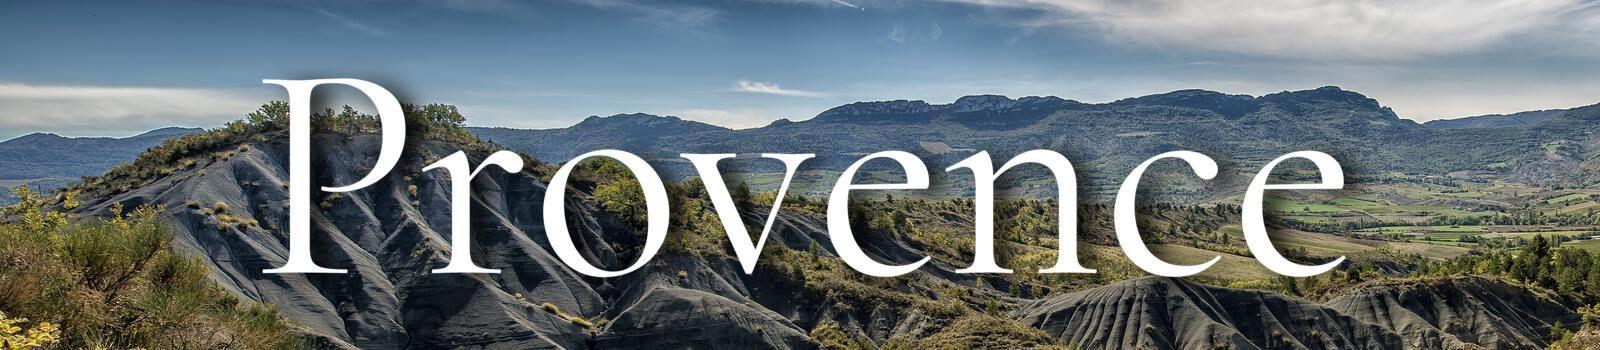 Grijze bergen met tekst Provence